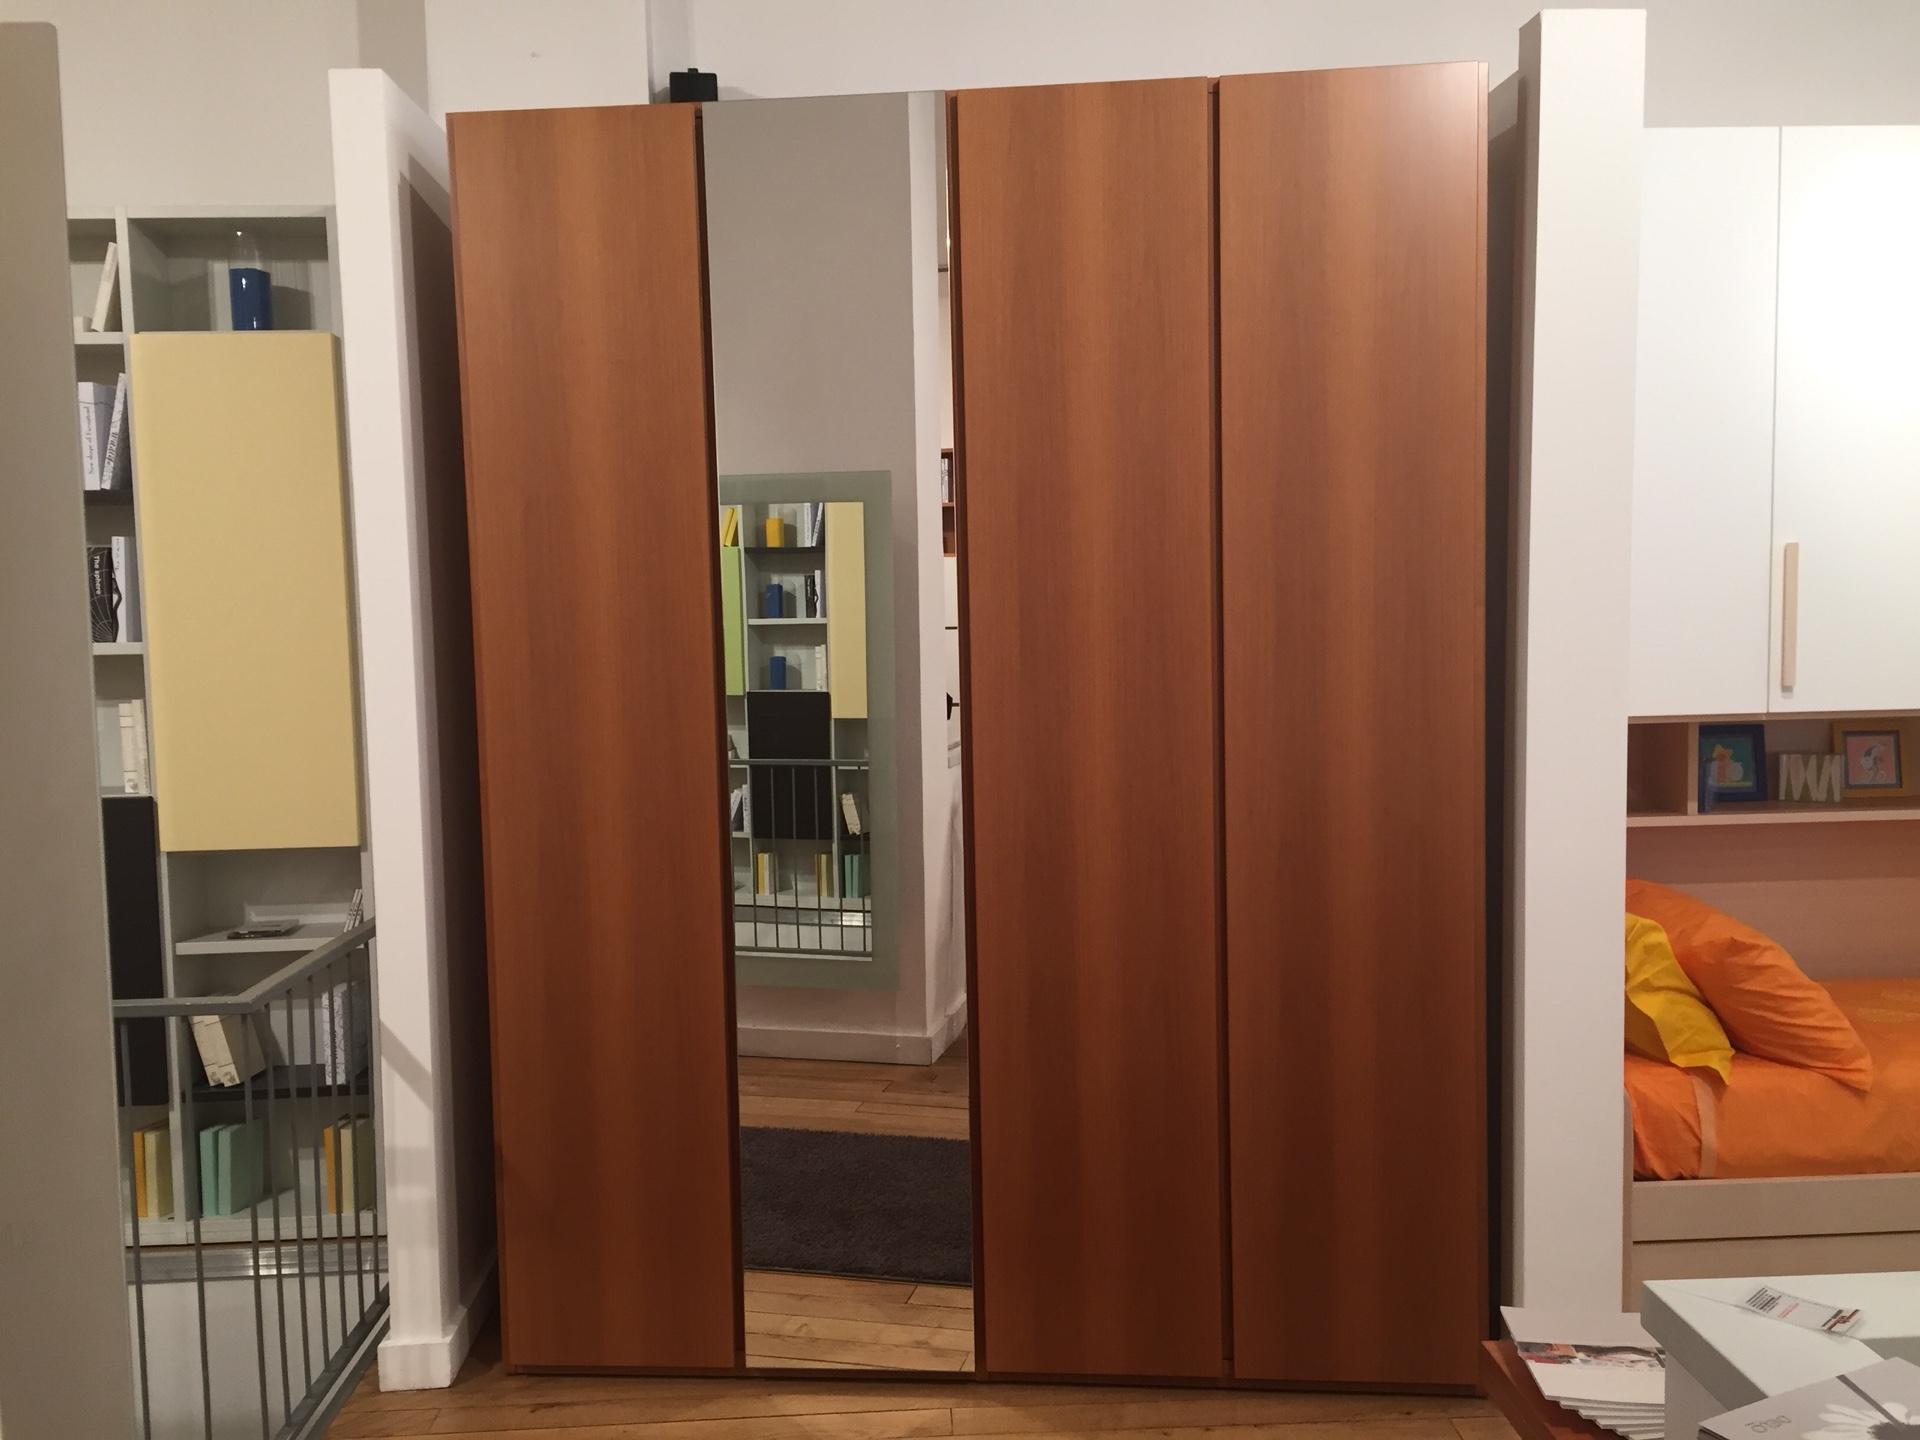 Spinelli letti a scomparsa letto a scomparsa with for Outlet arredamento brianza